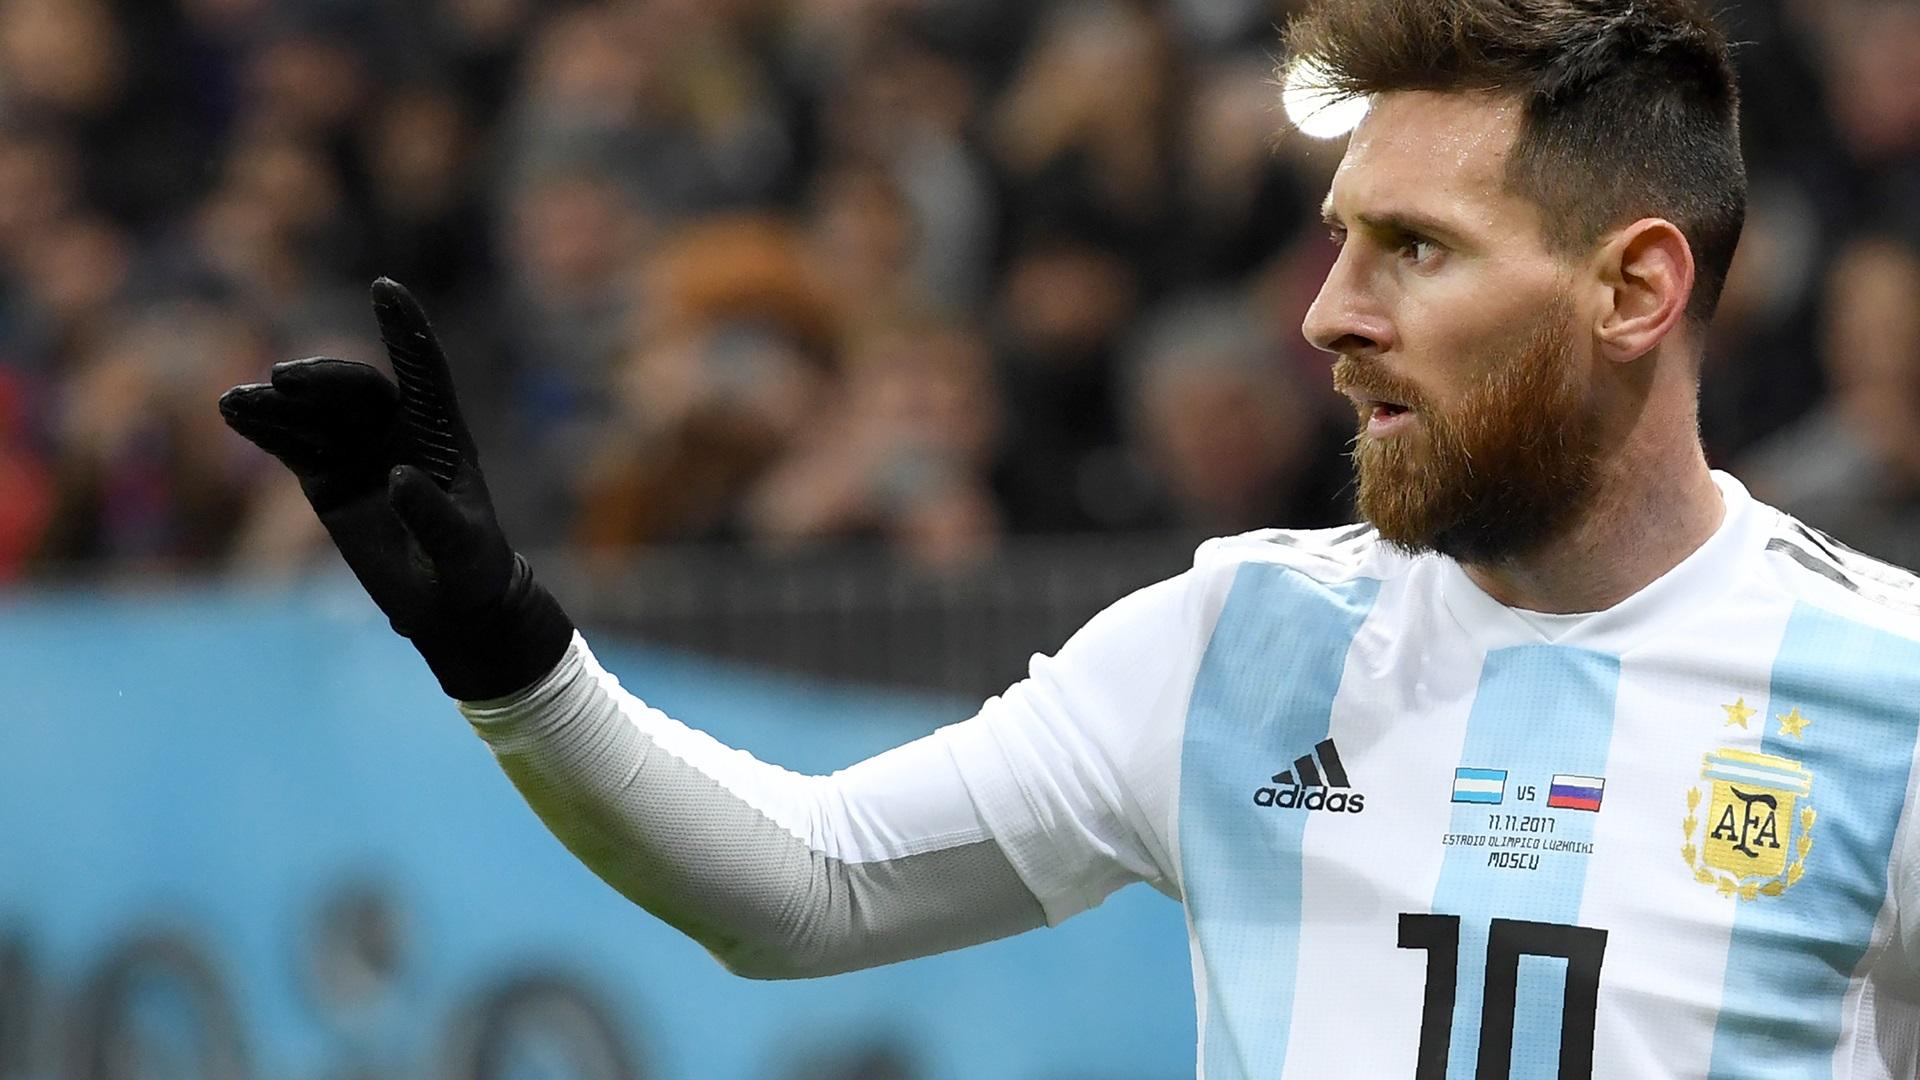 El capitán de la Selección se ilusiona con levantar la Copa del Mundo en Rusia (AFP / Kirill Kudryavtsev)